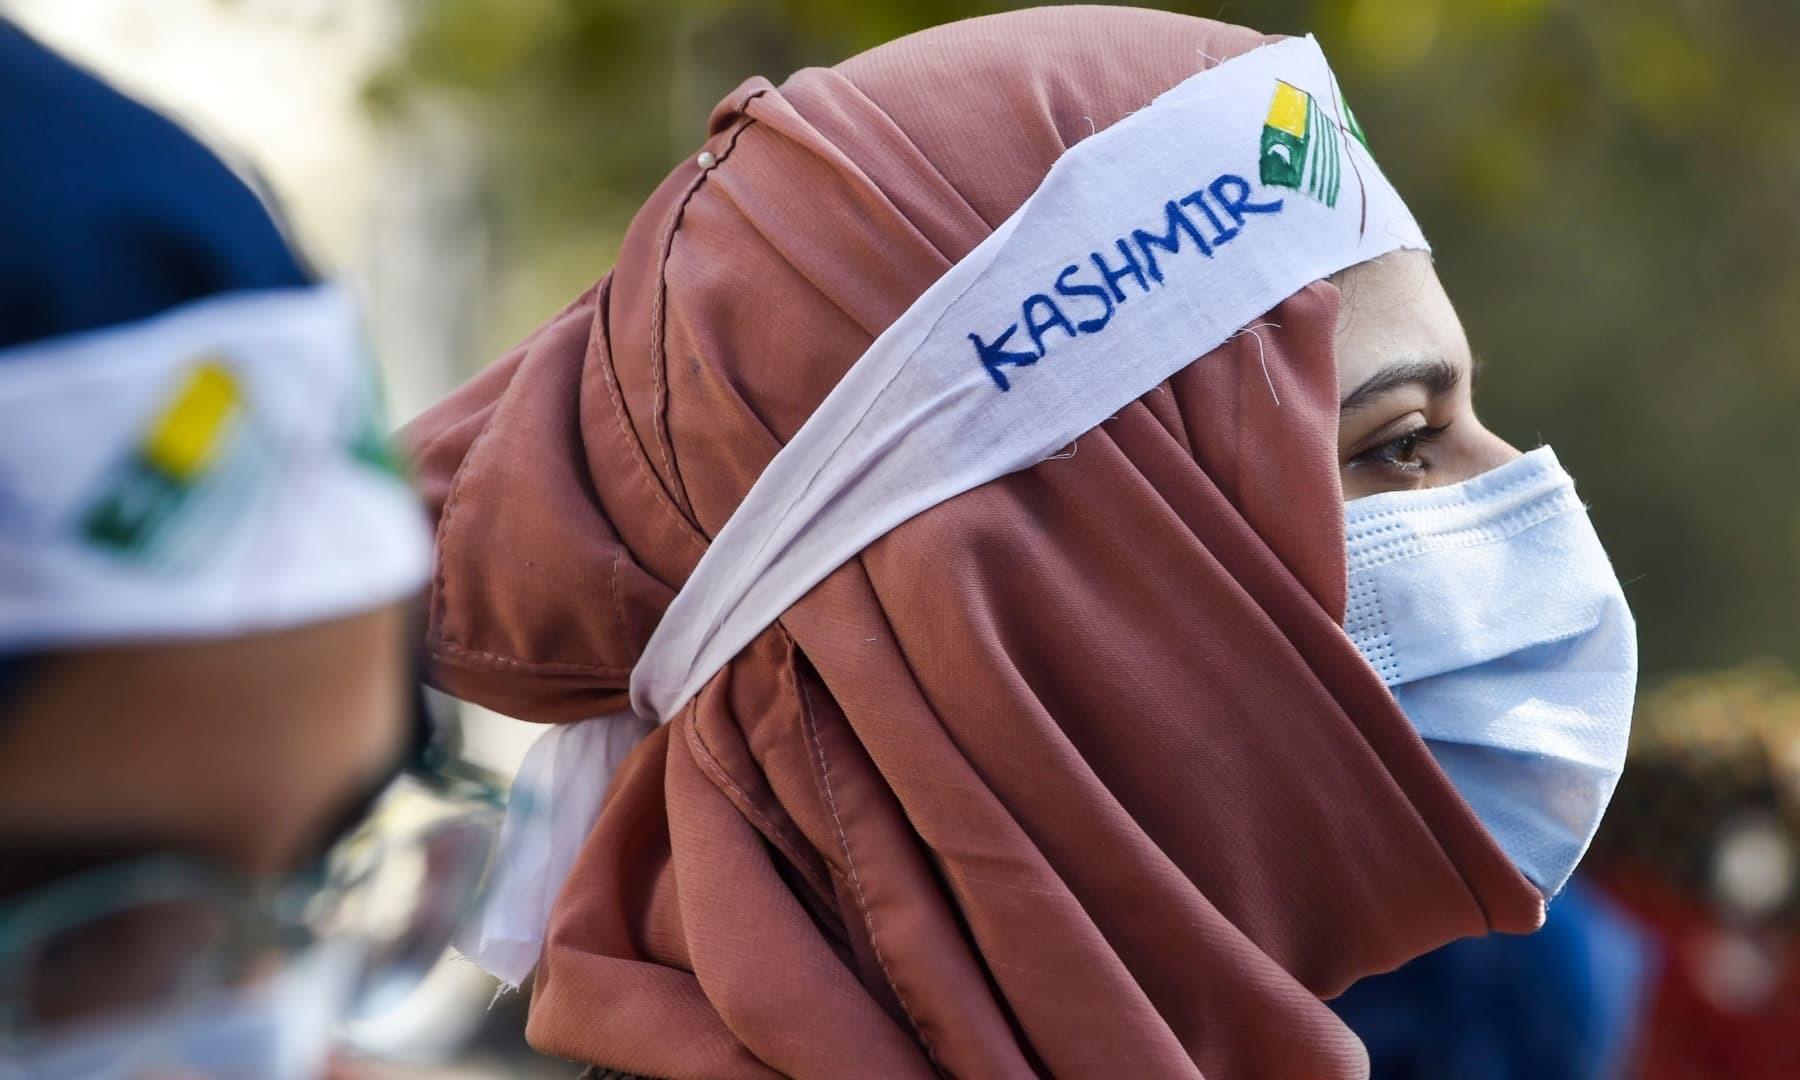 مظاہروں میں تمام شعبوں سے تعلق رکھنے والے افراد اور ہر عمر کے شہریوں نے بھرپور شرکت کی—فوٹو: اے ایف پی